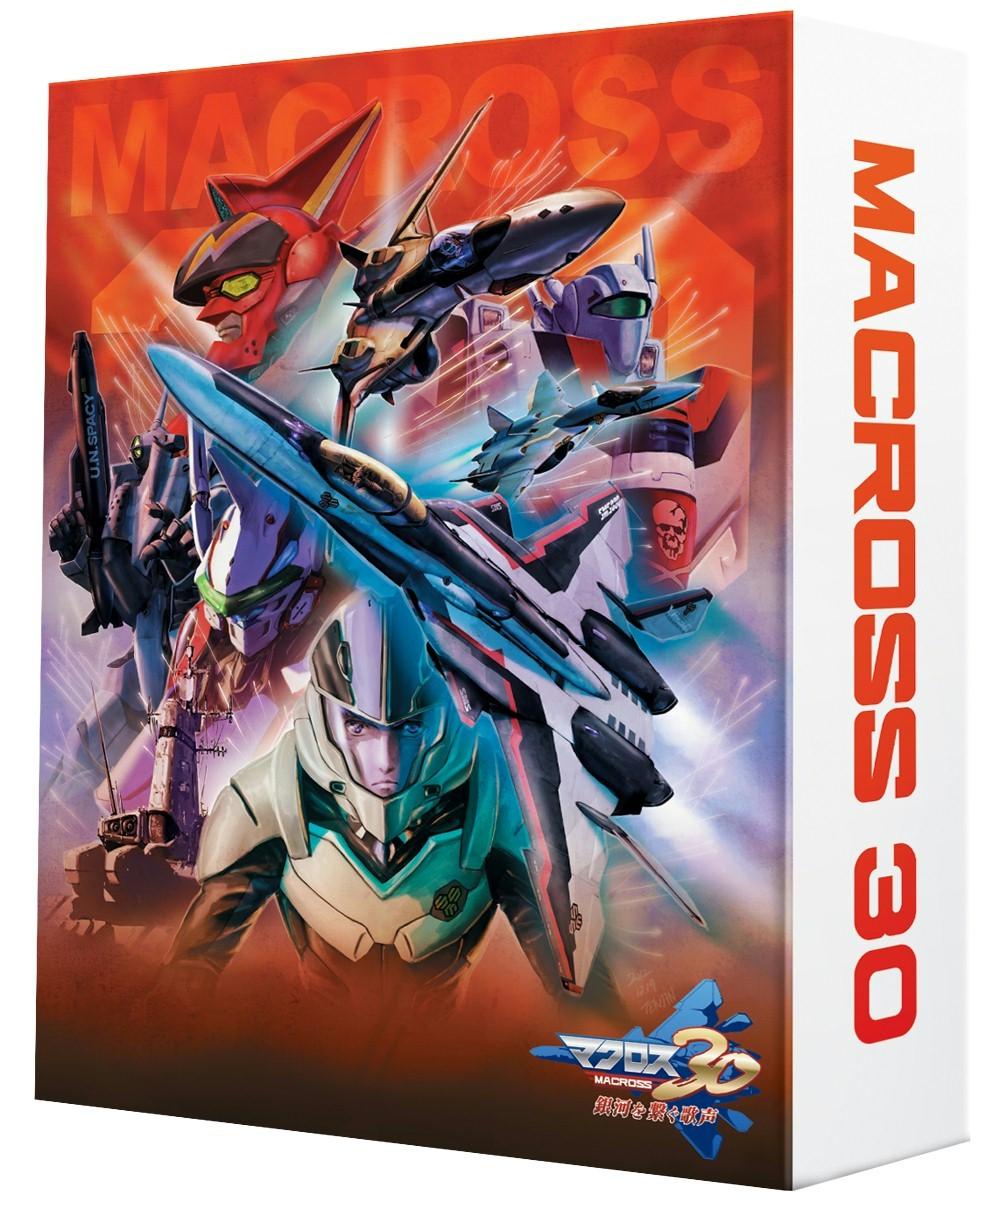 6souls games date 2013 release macross